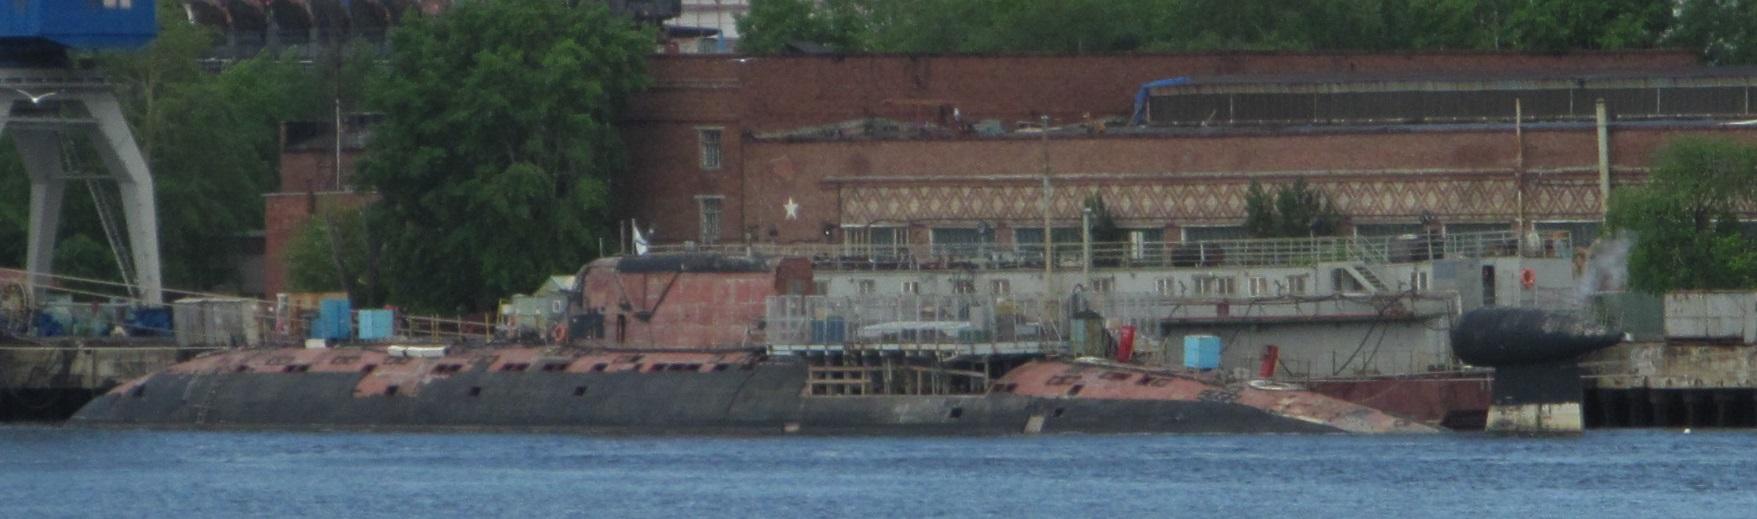 Работы по ремонту и модернизации атомных подводных лодок проекта 945 приостановлены